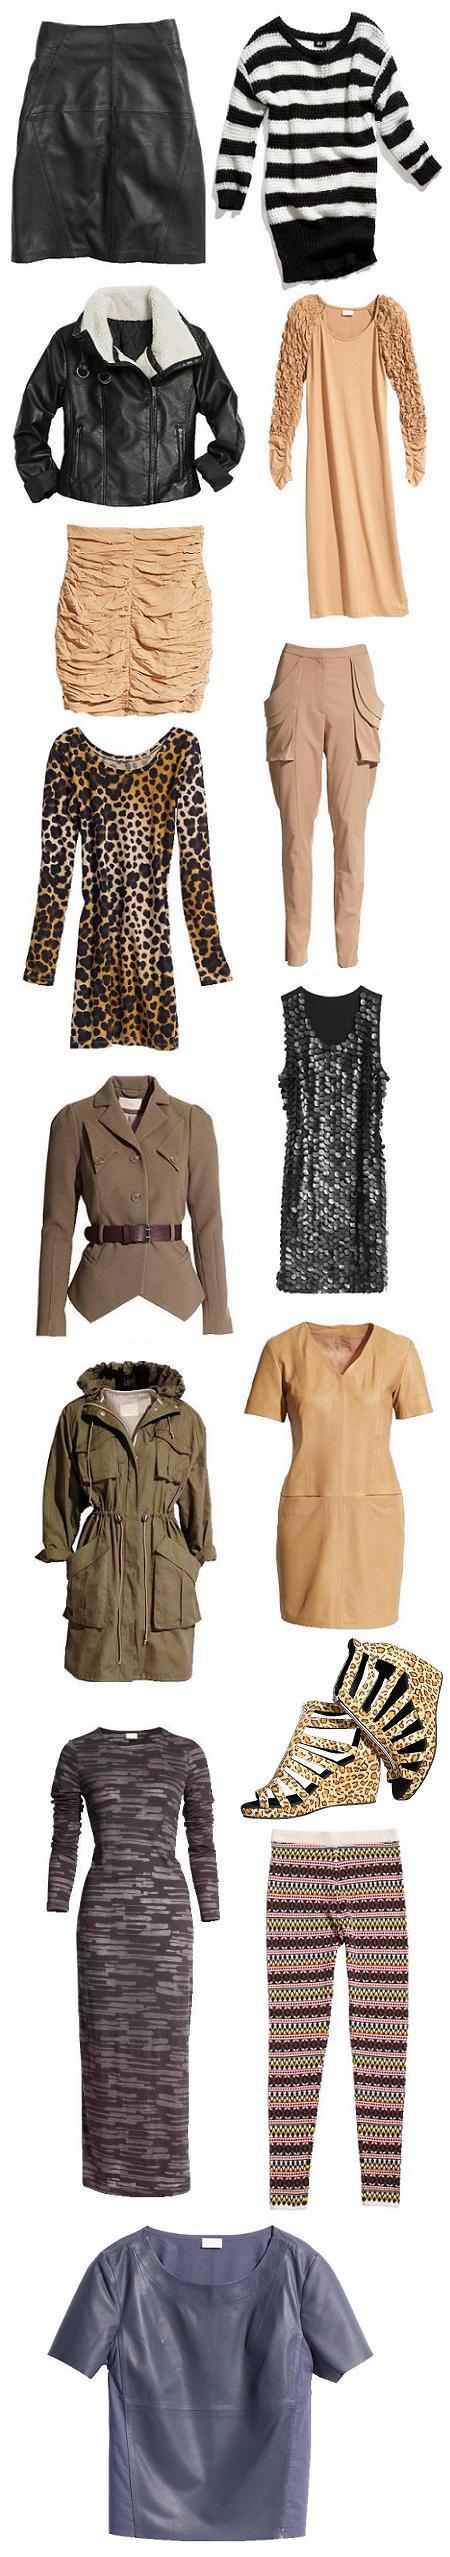 H&M moda otoño invierno 2010 2011